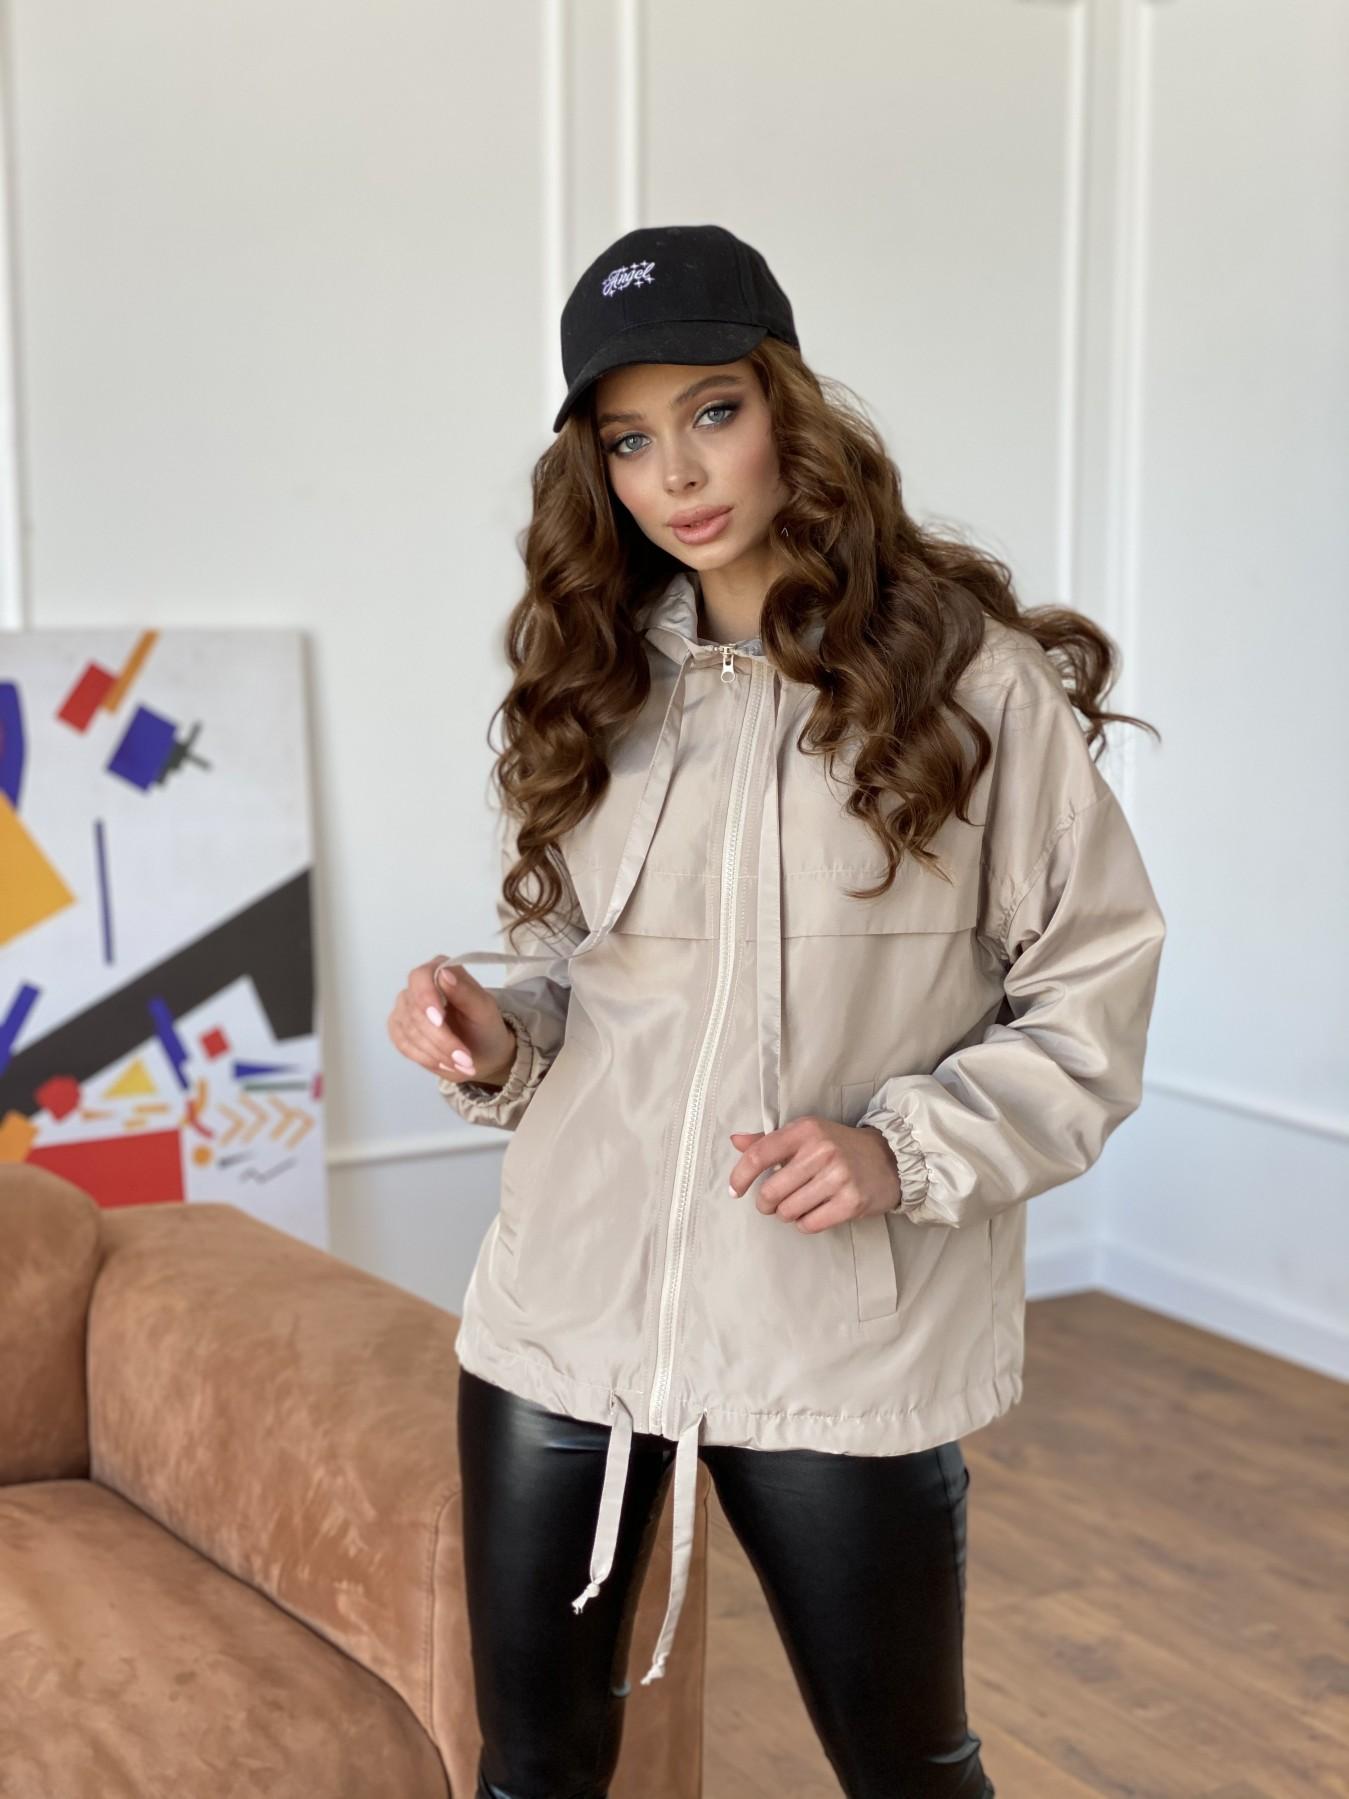 Фит куртка из плащевки Ammy 10971 АРТ. 47466 Цвет: Бежевый - фото 11, интернет магазин tm-modus.ru